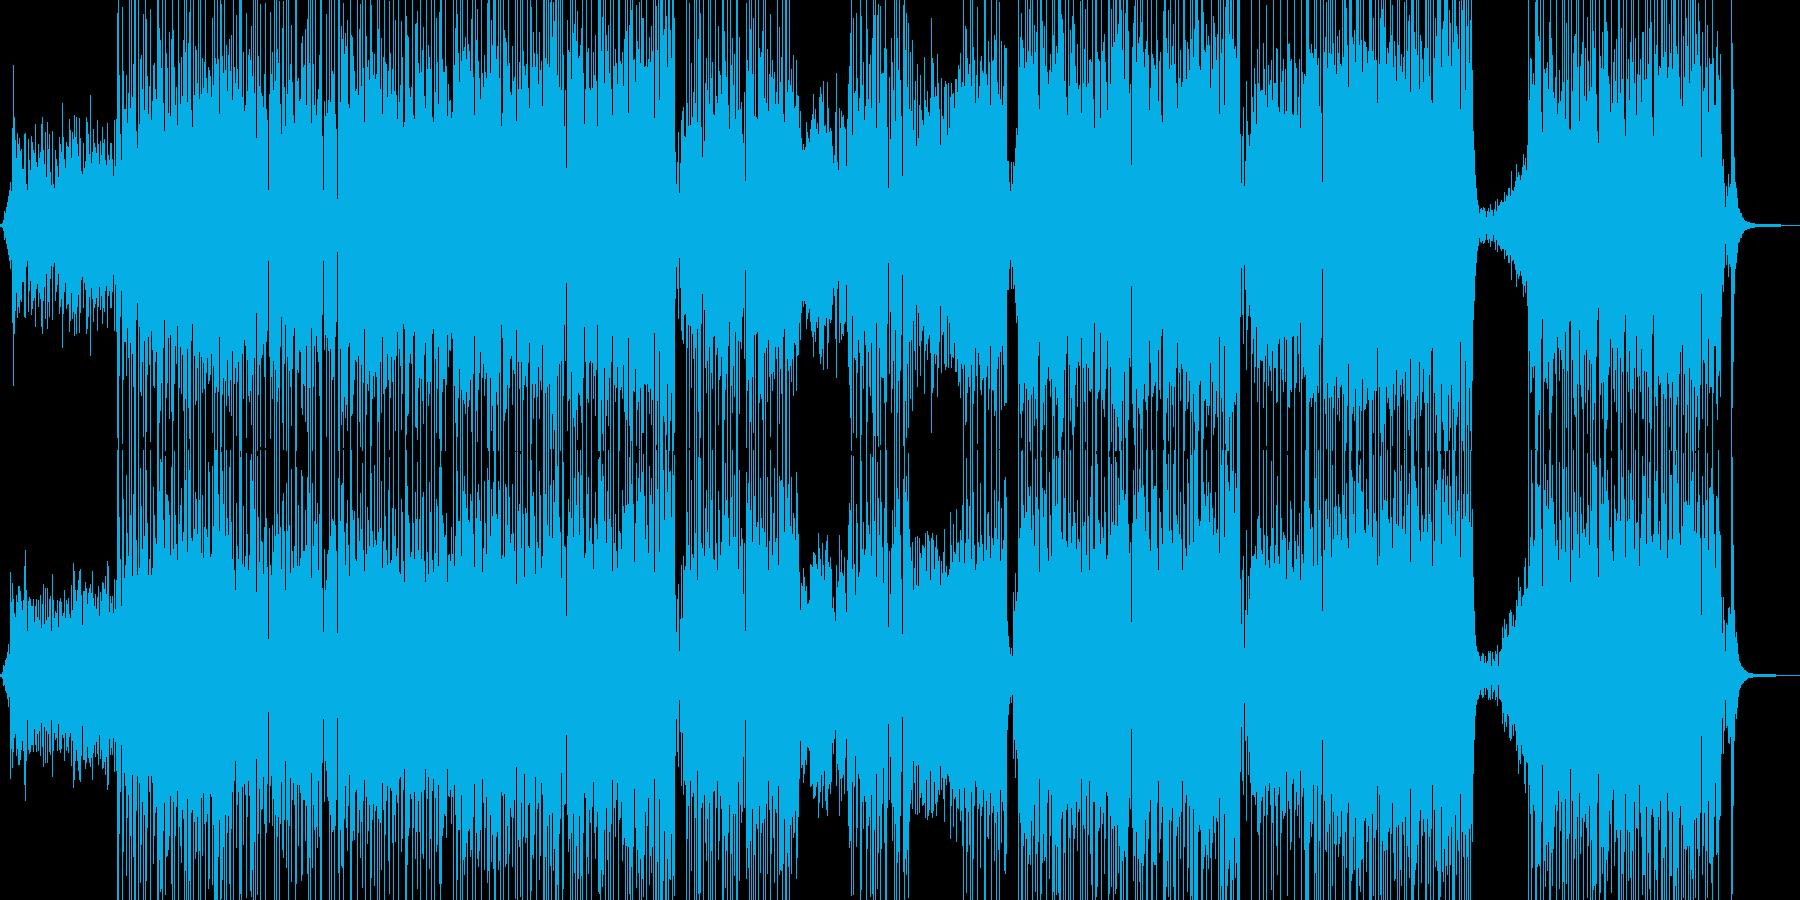 胸キュン・可愛い雰囲気のポップス 長尺+の再生済みの波形